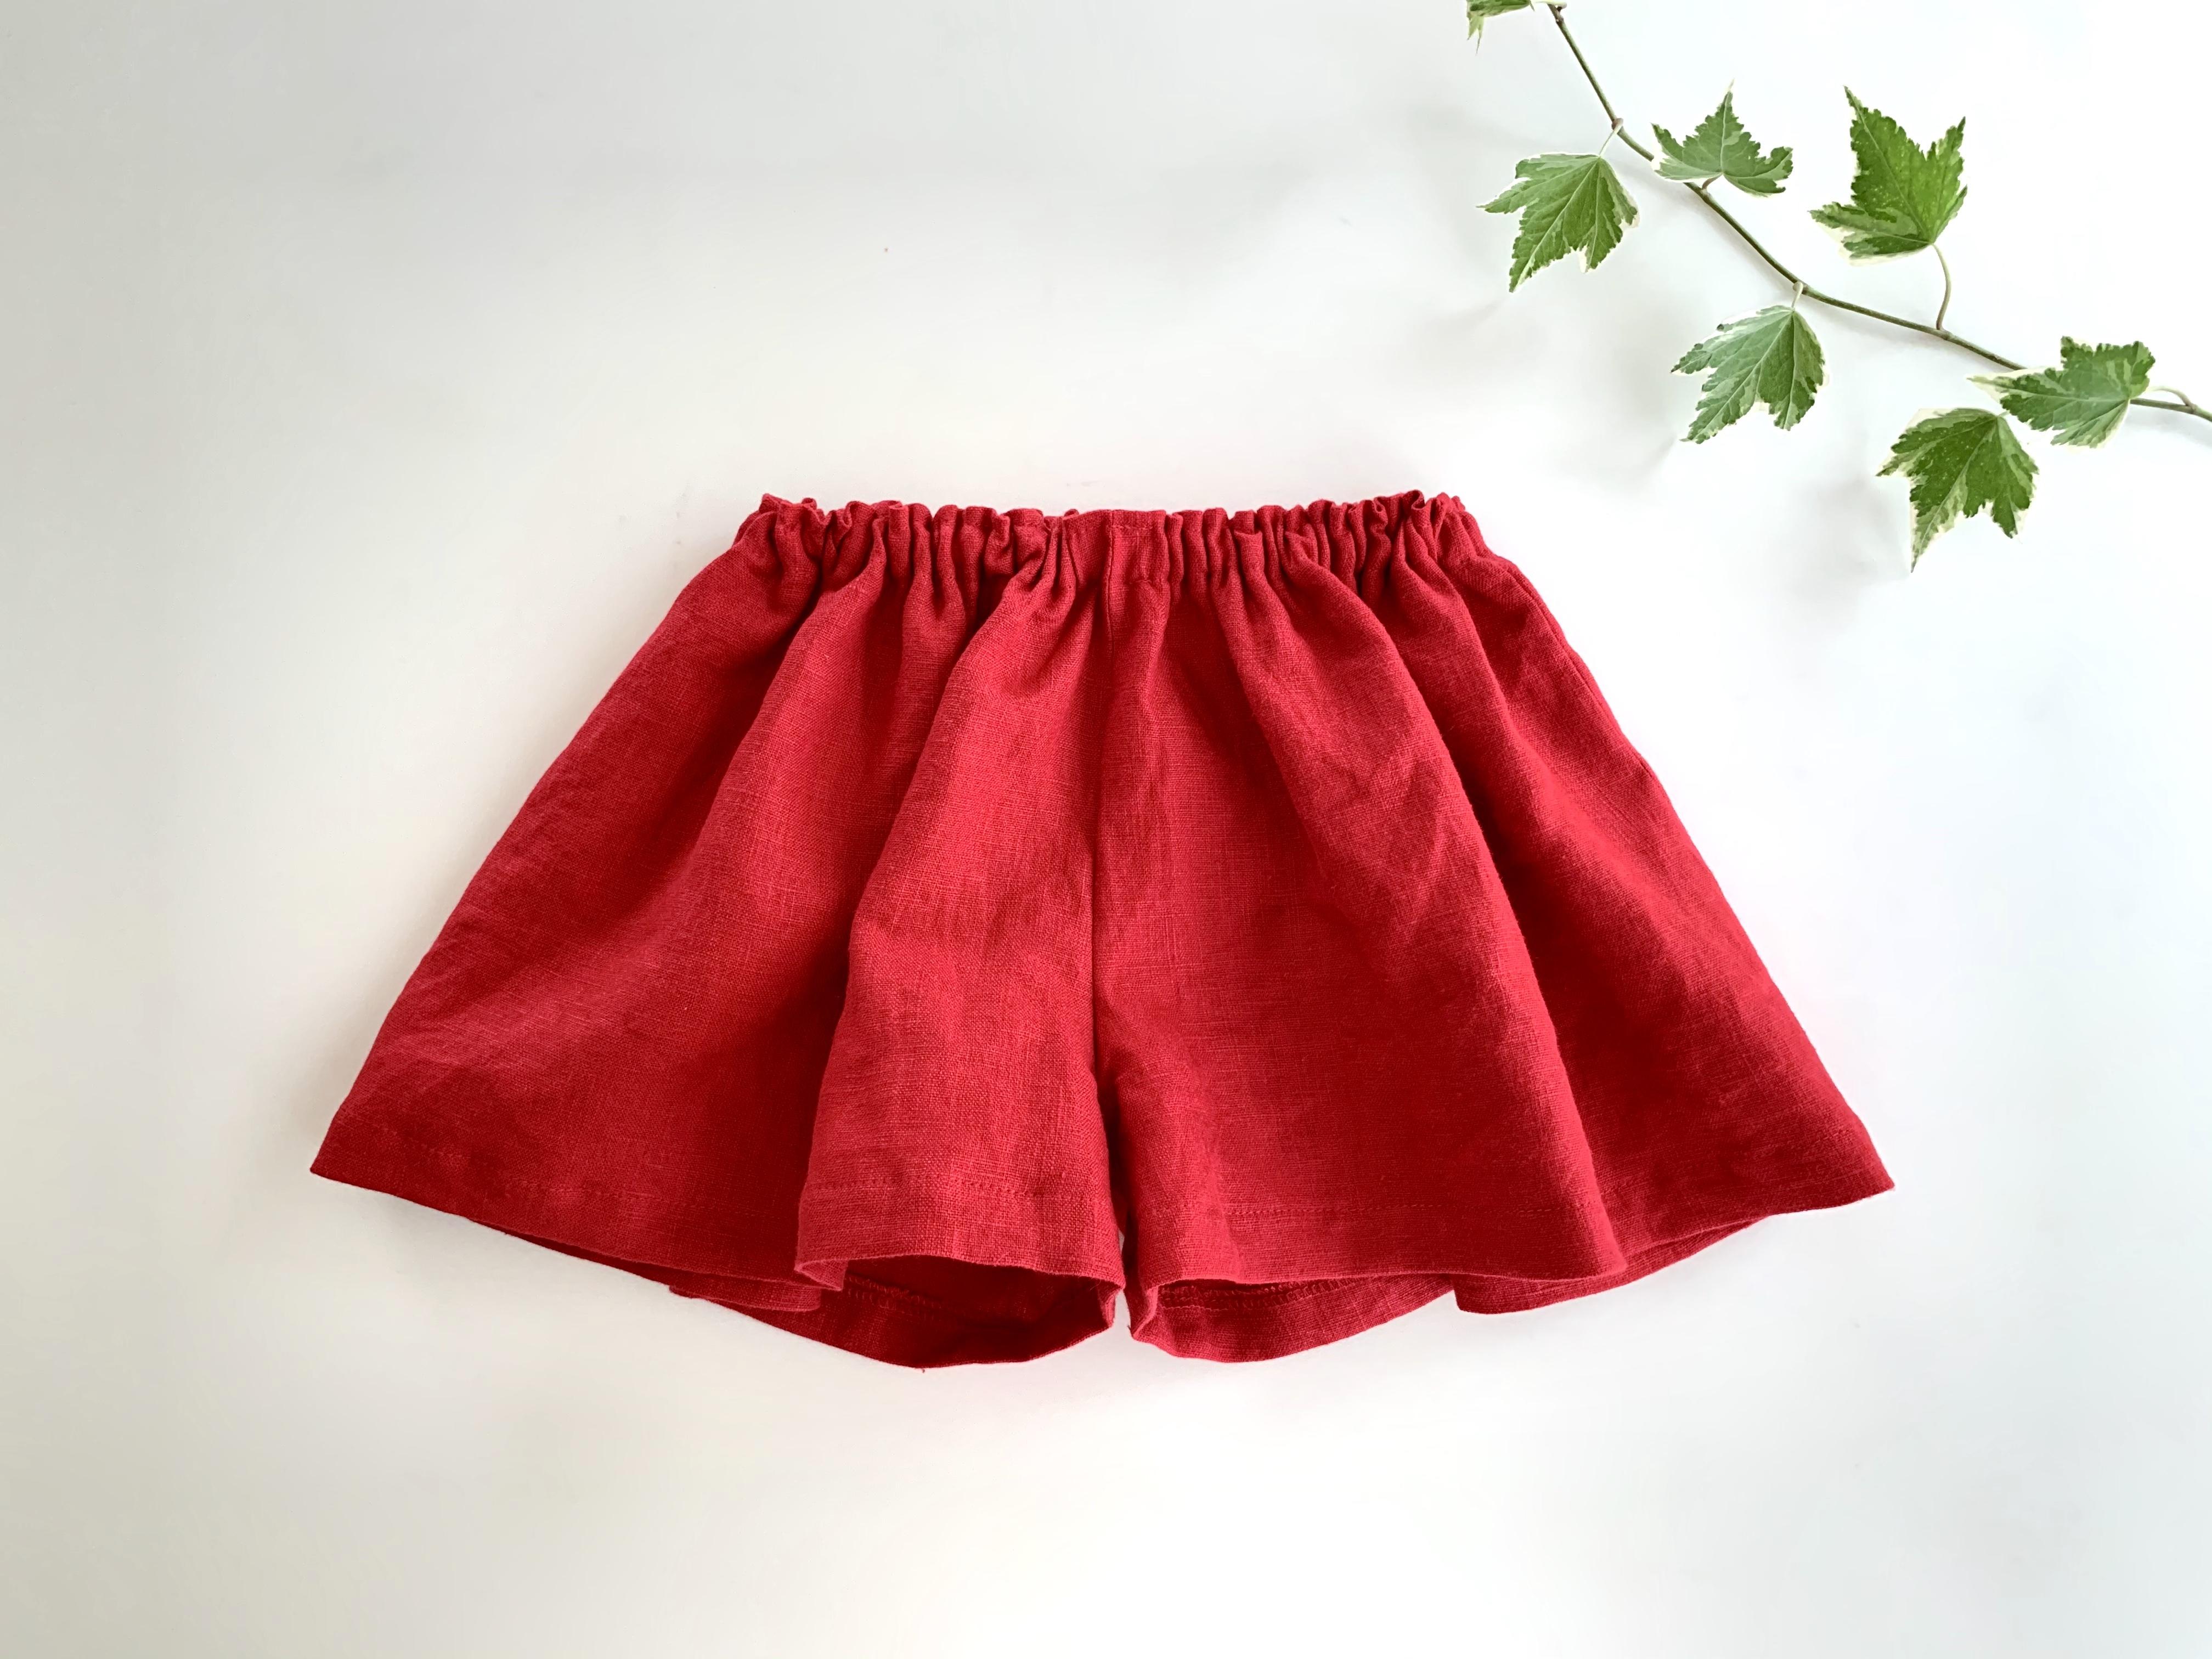 リネンのキュロットスカート 赤 80cm